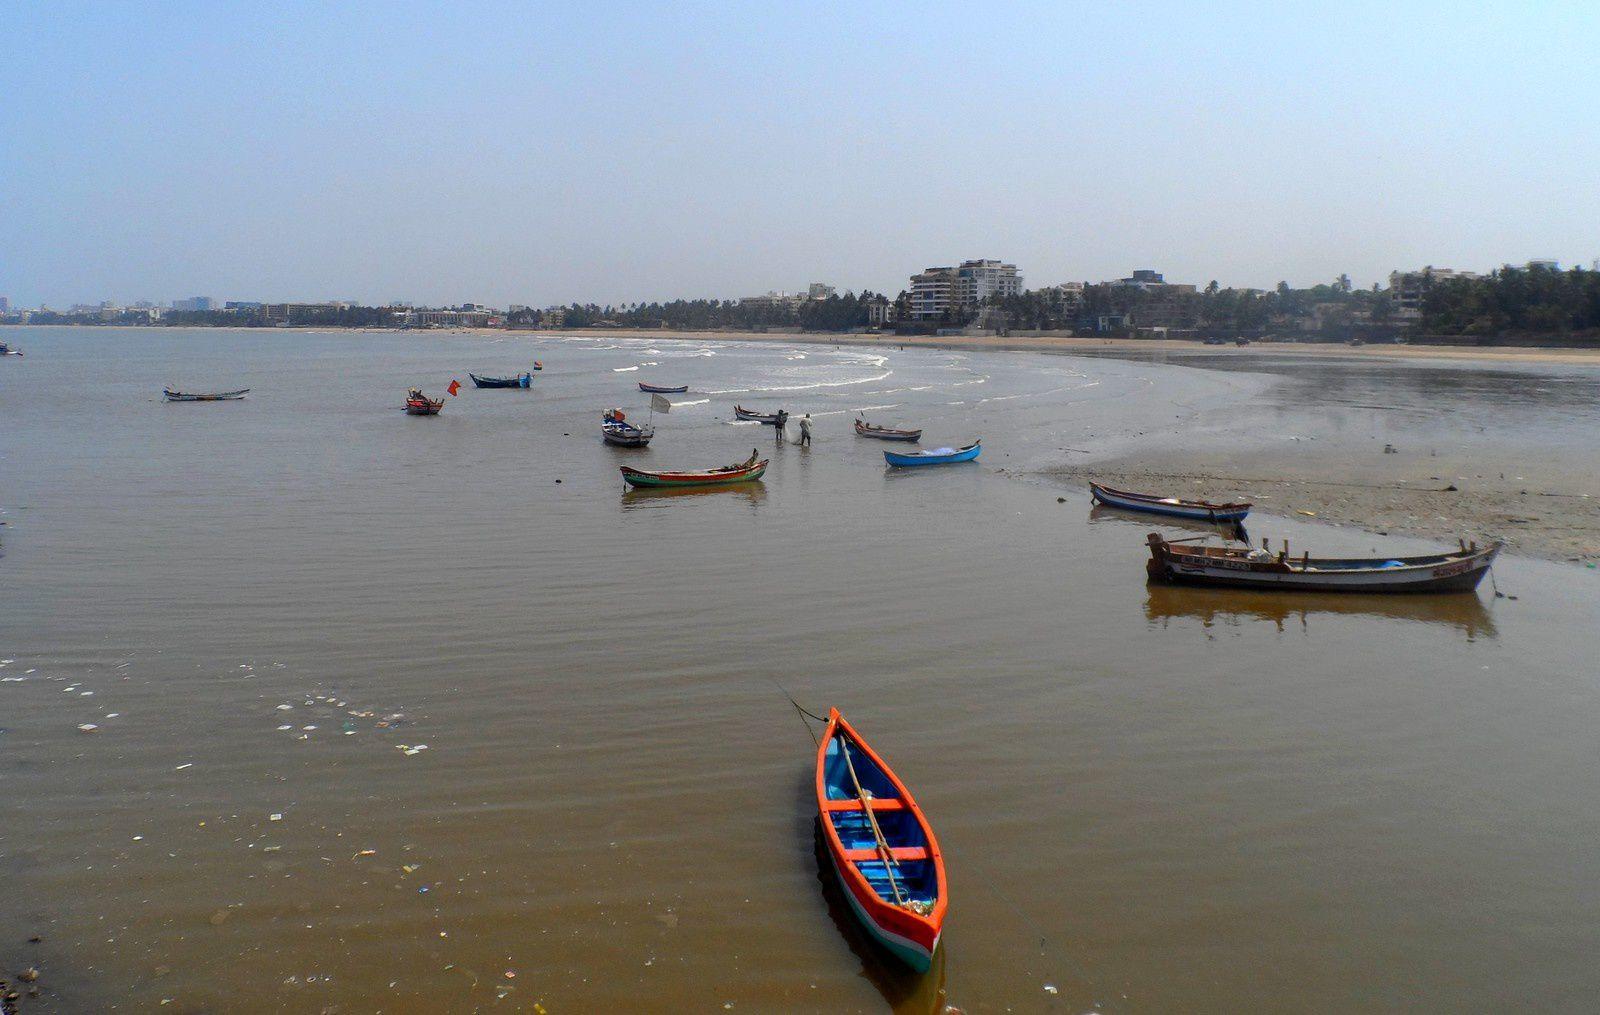 Bombay, c'est de la bombe bébé